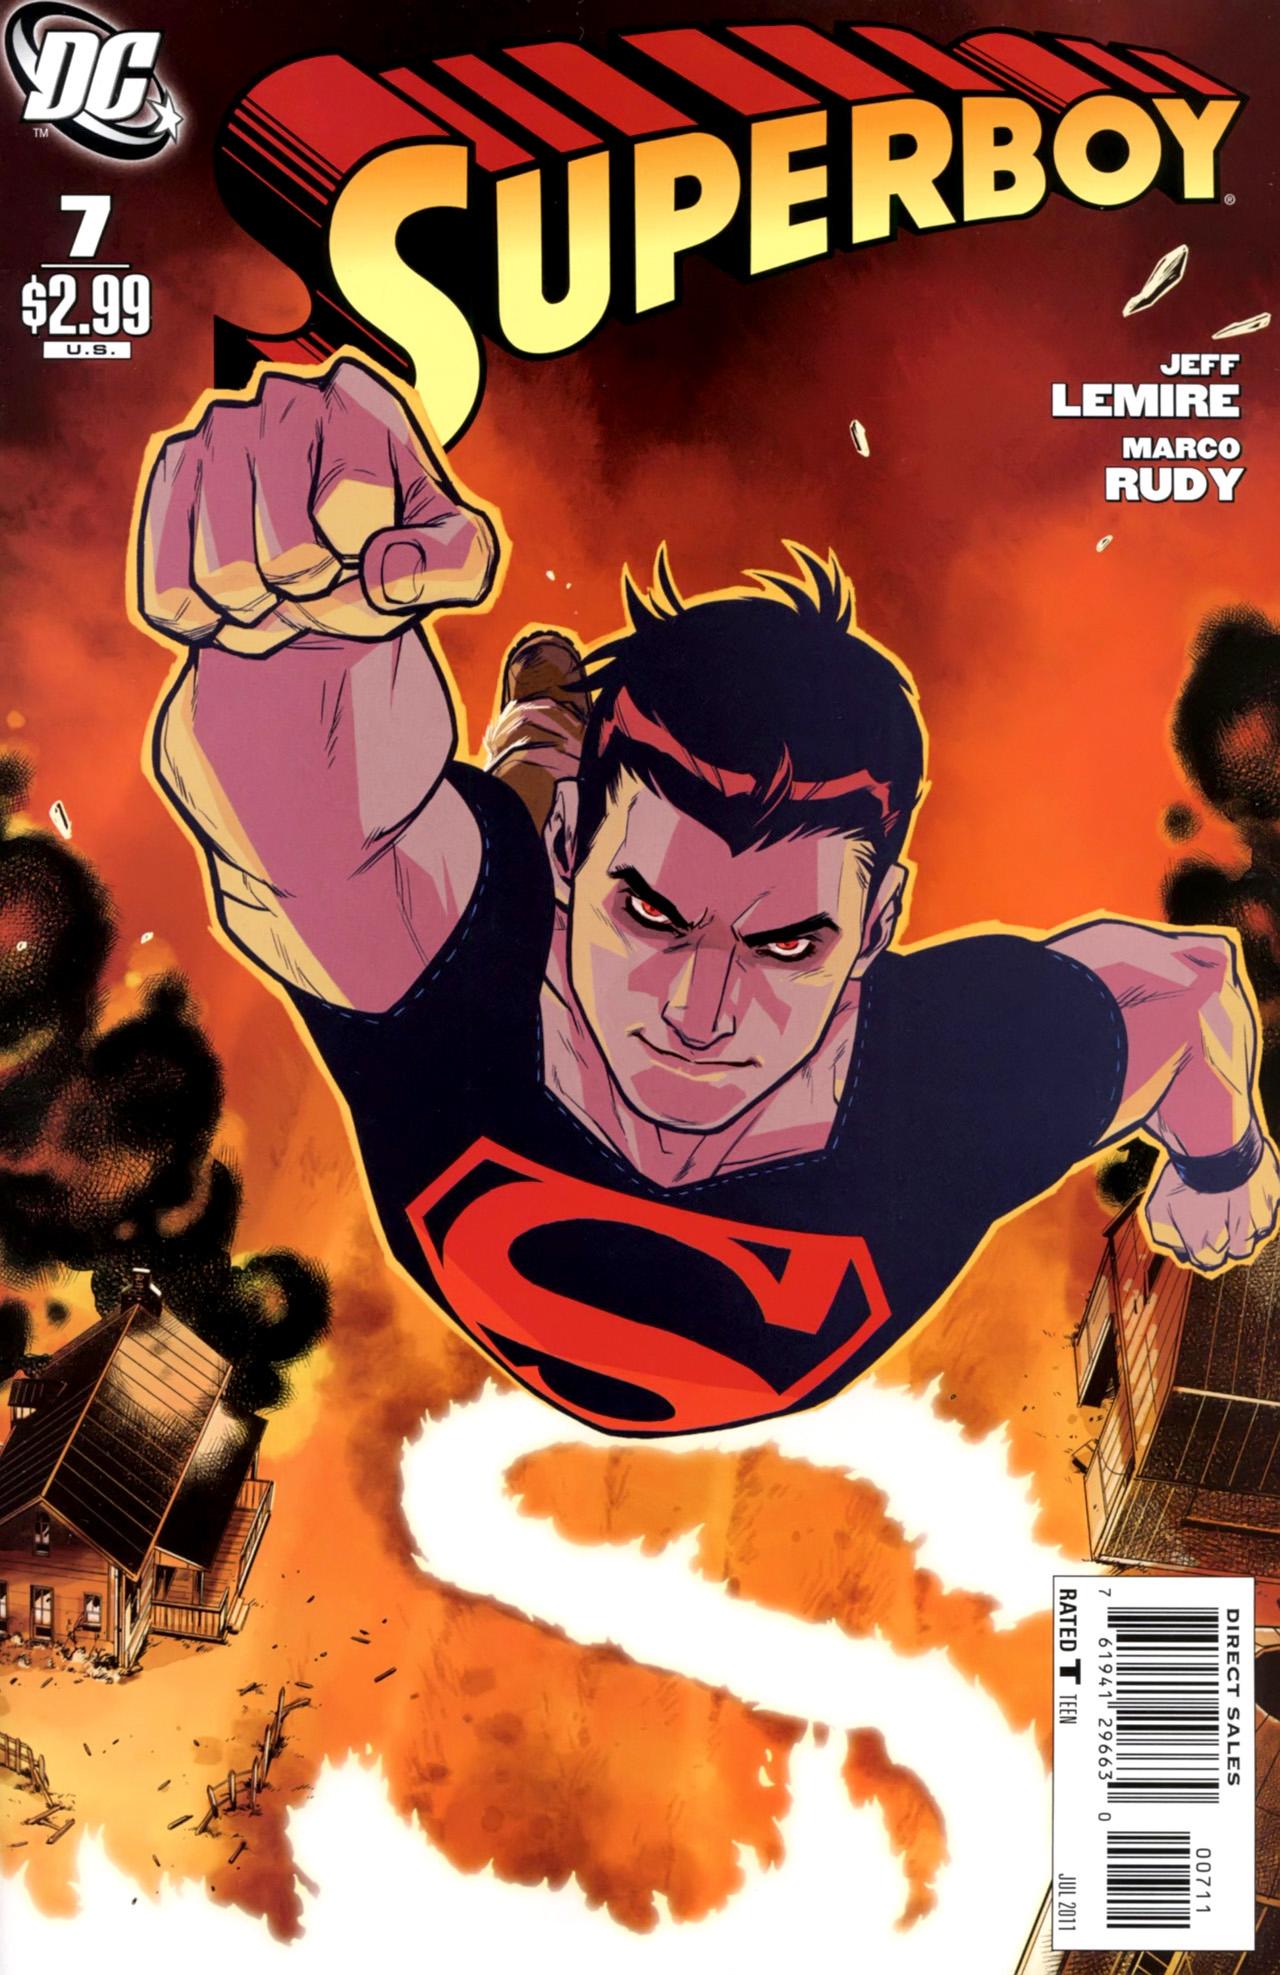 Superboy [I] Issue #7 #7 - English 1